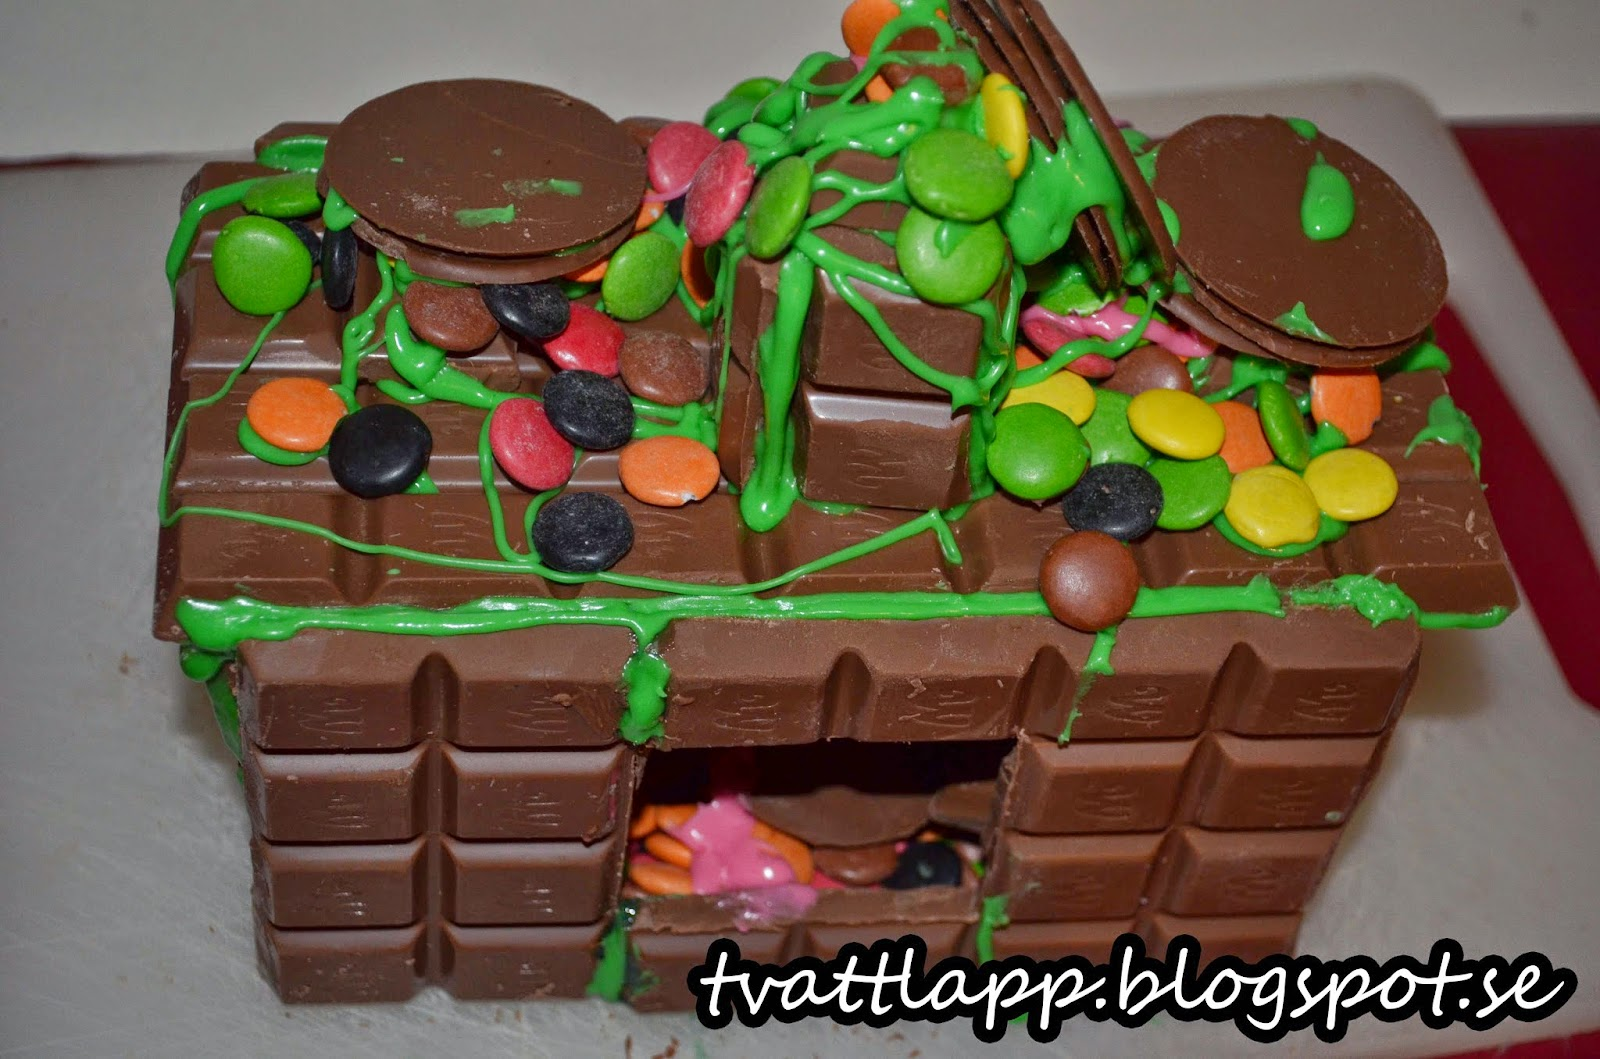 pepparkakshus av choklad